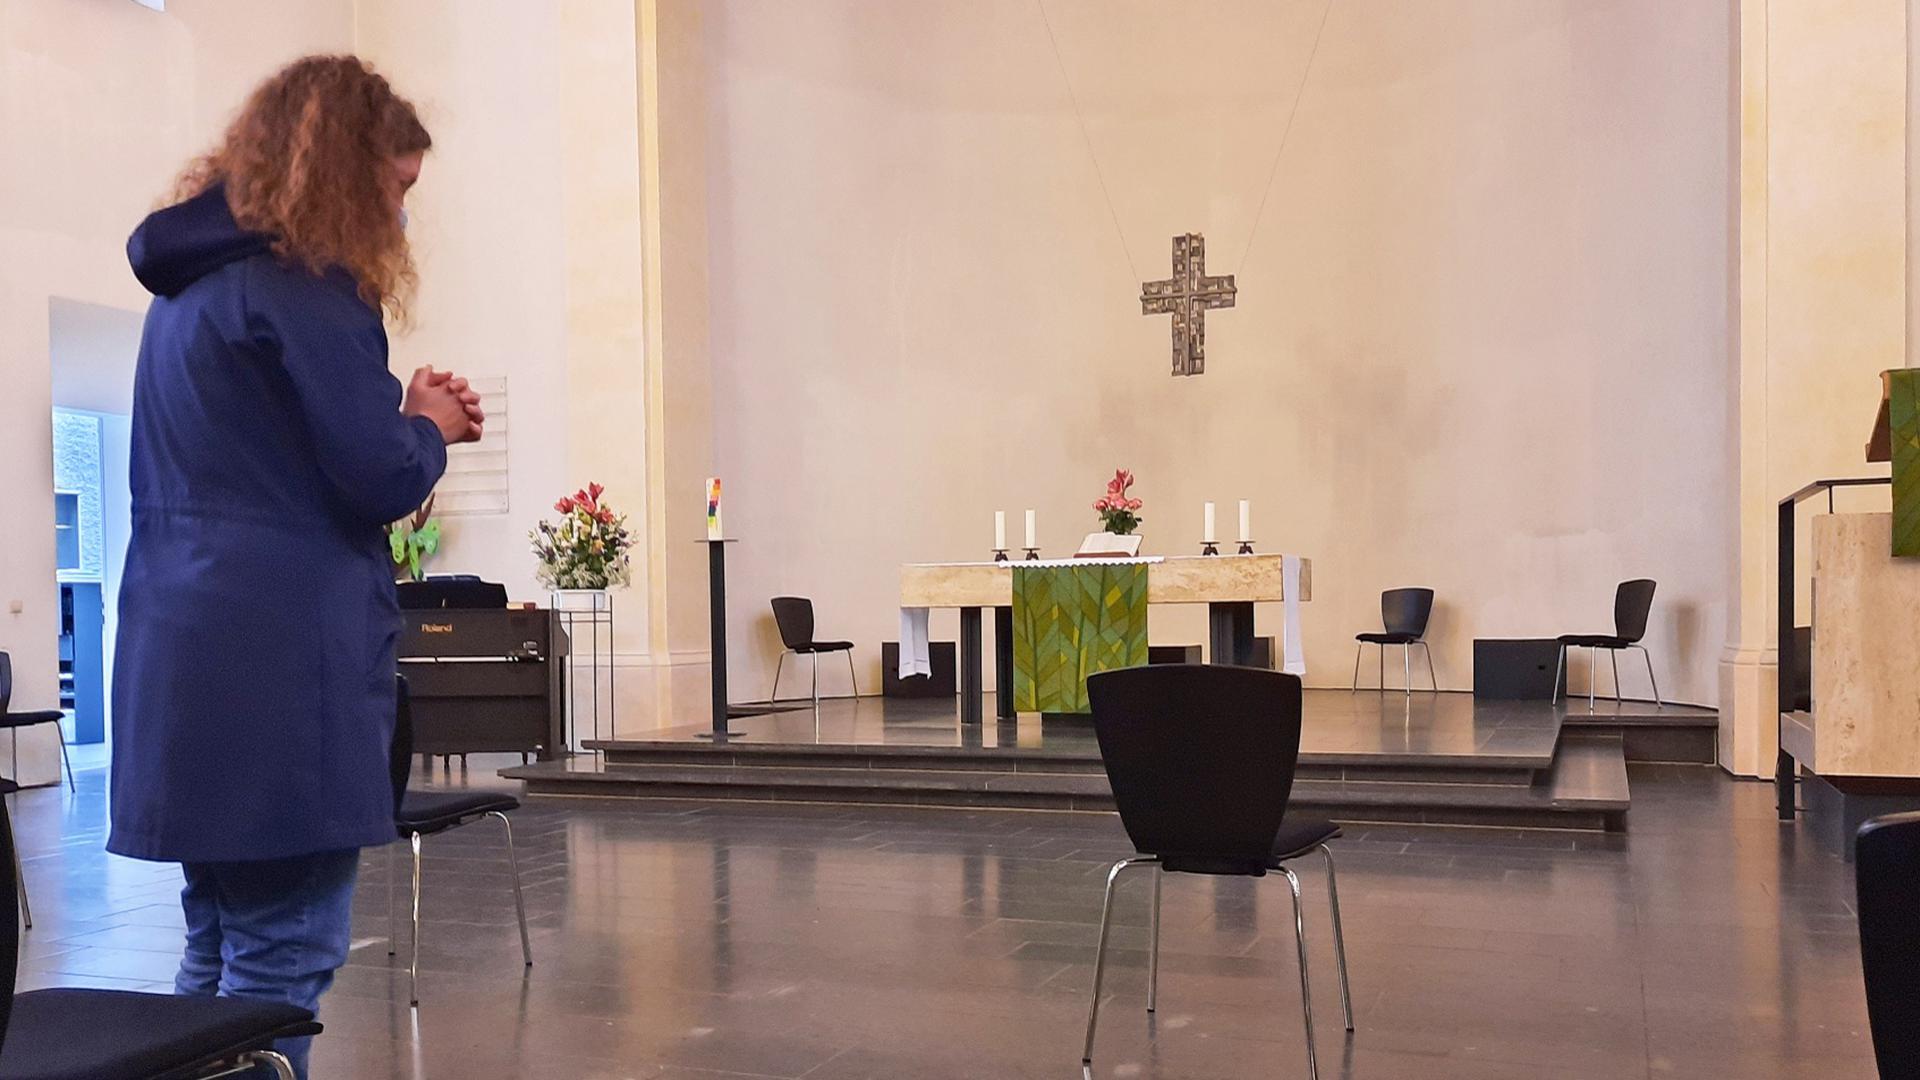 Betende am Vortag des Buß- und Bettags: Die Bestuhlung in der Ettlinger Johanneskirche ist ganz corona-gerecht auf große Abstände ausgerichtet.